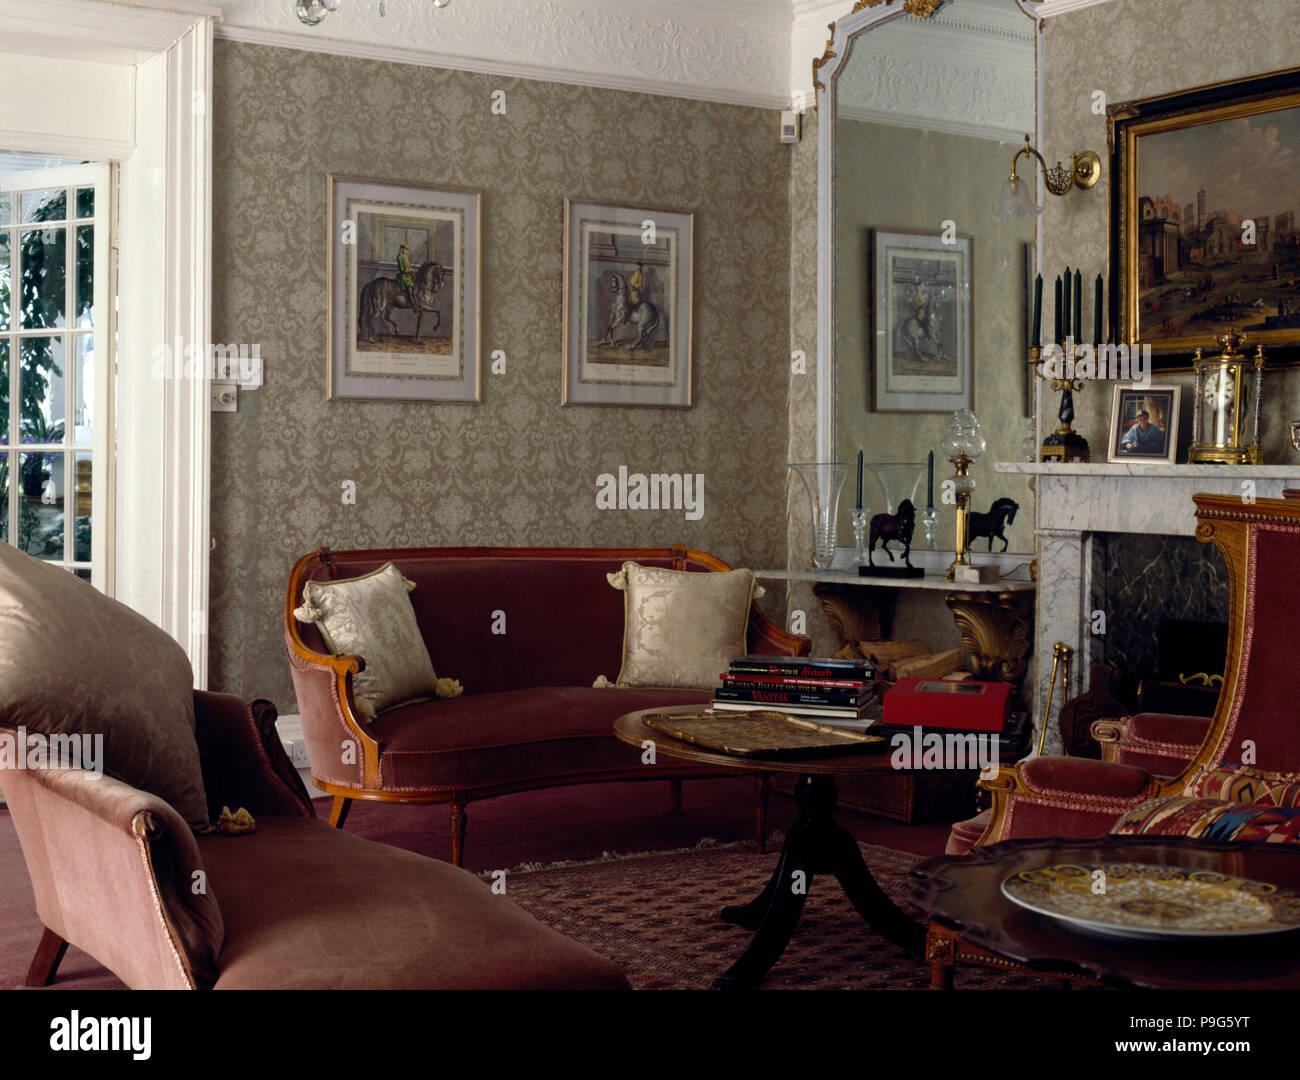 Velvet Upholstered Sofas In An Old Fashioned Living Room